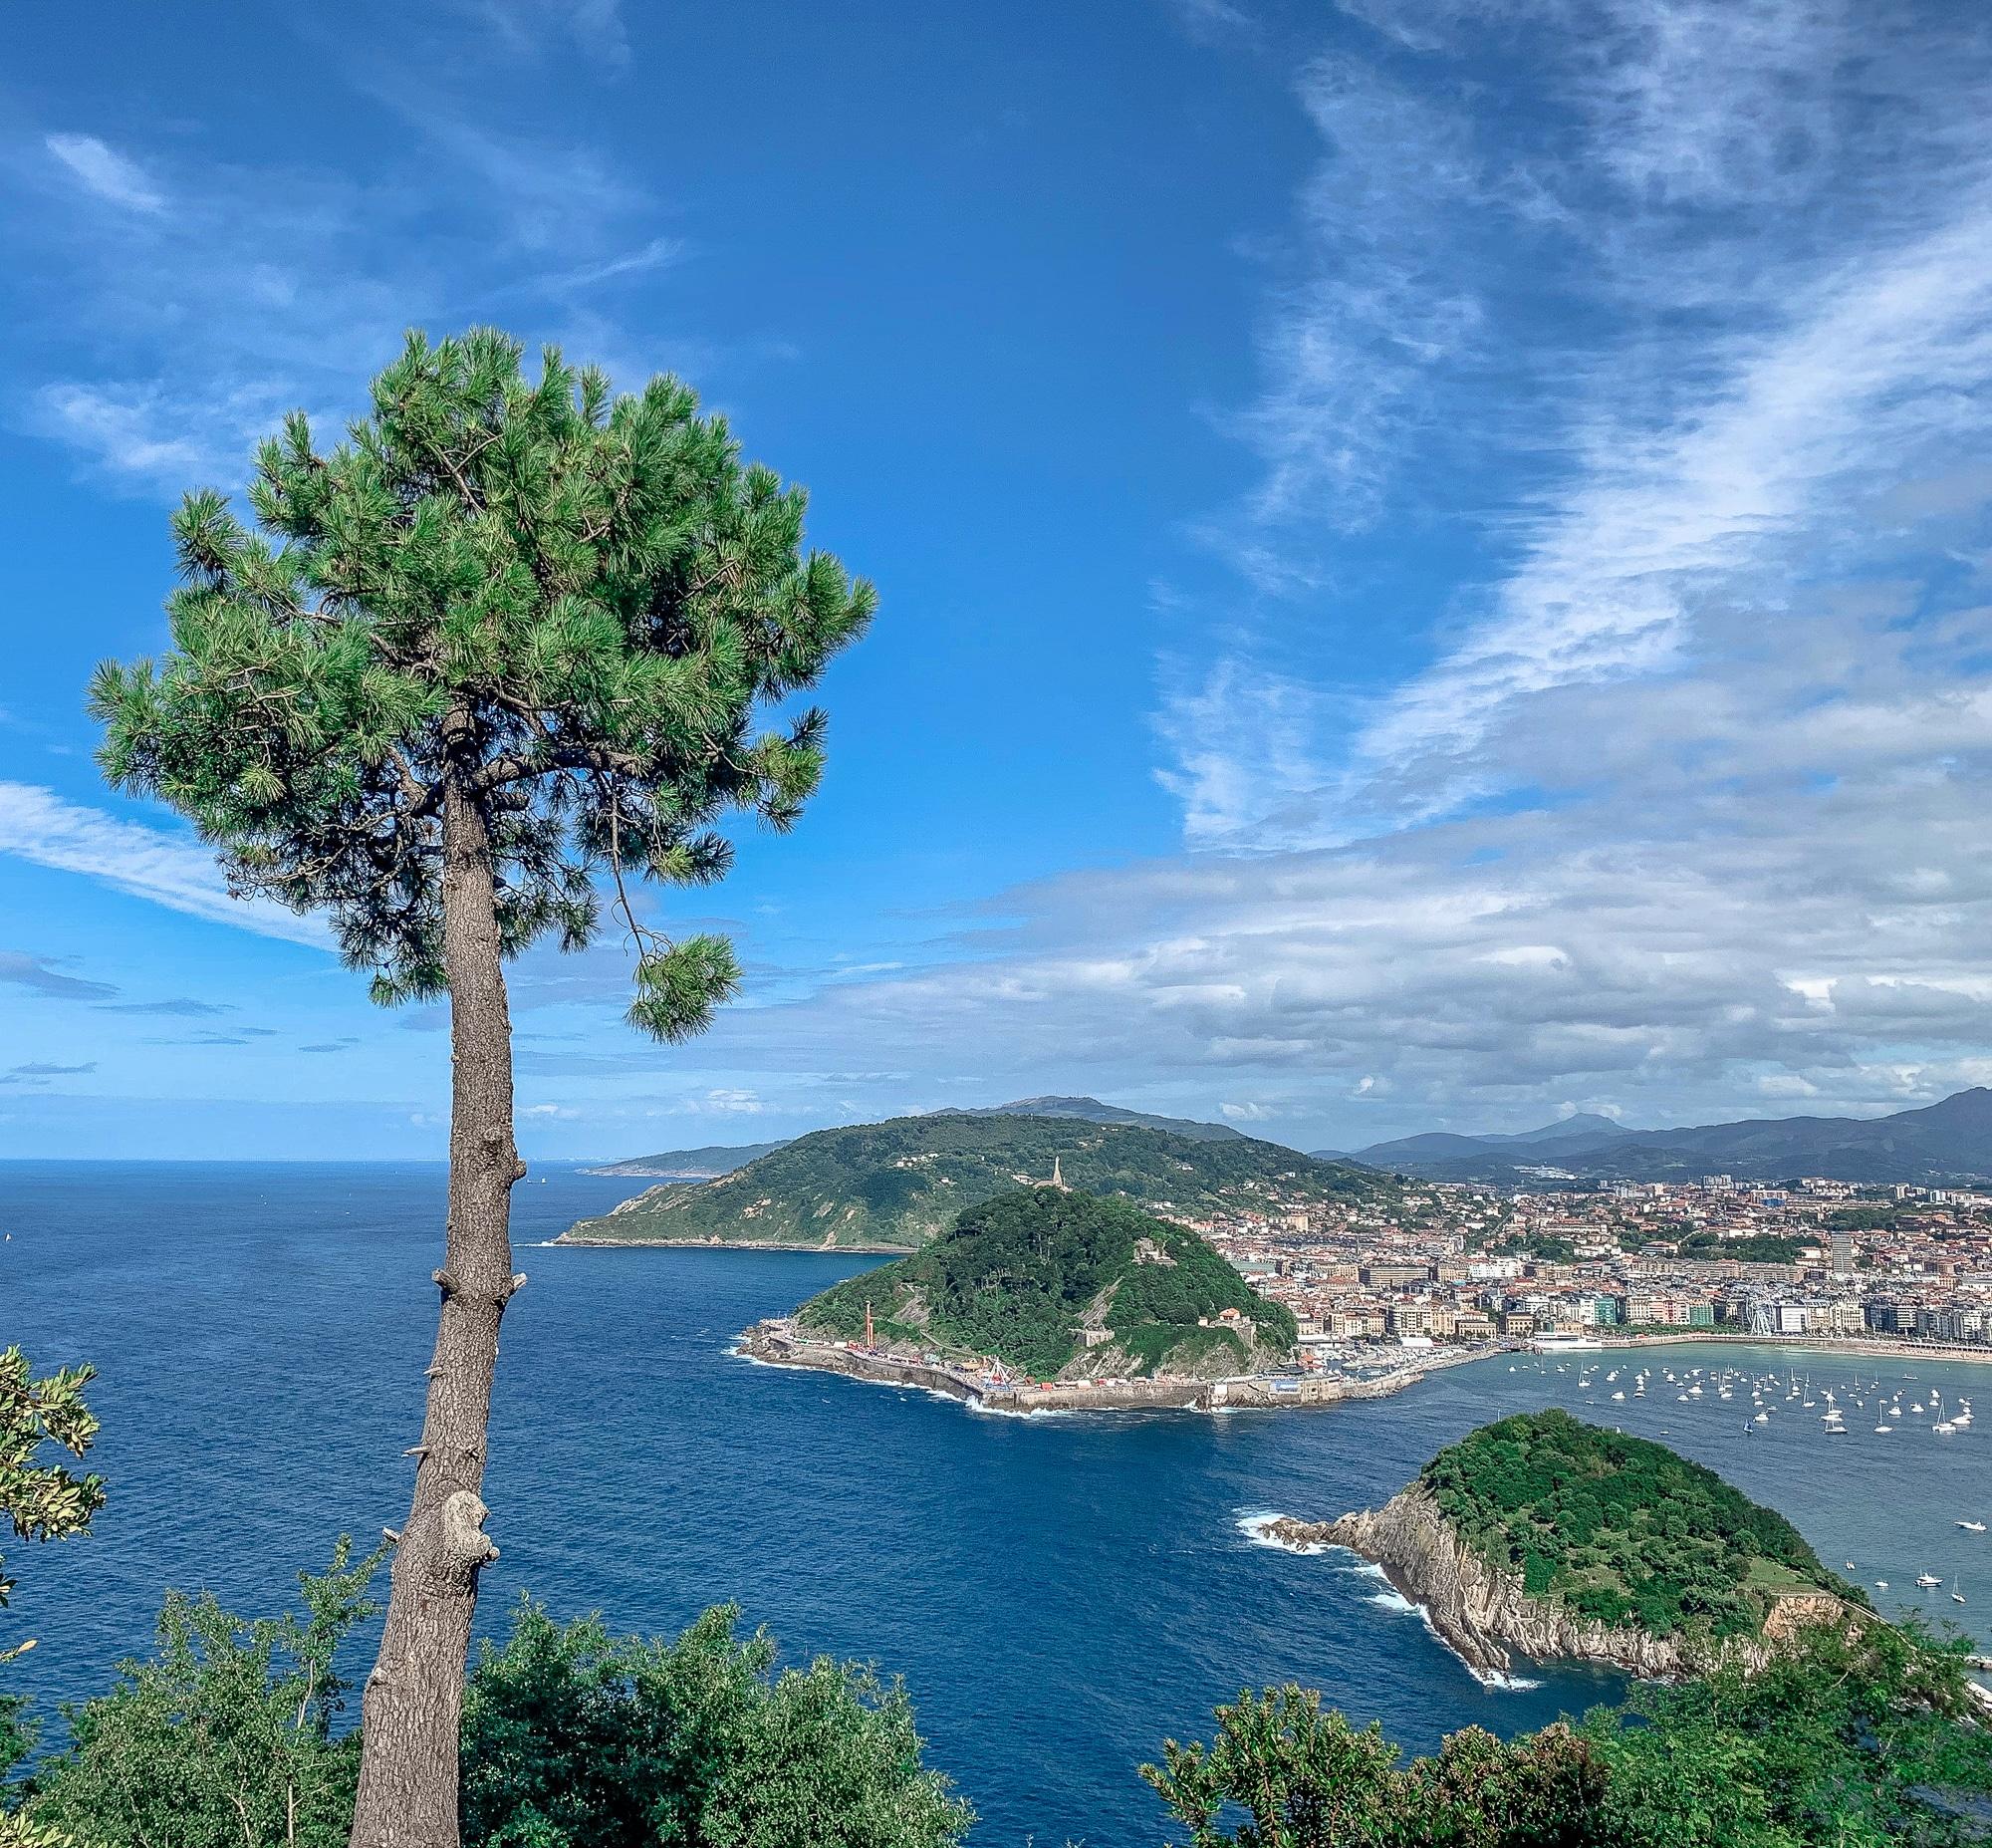 San Sebastián Sehenswürdigkeiten: Tipps für einen Donostia Tagesausflug - Monte Igueldo Aussicht